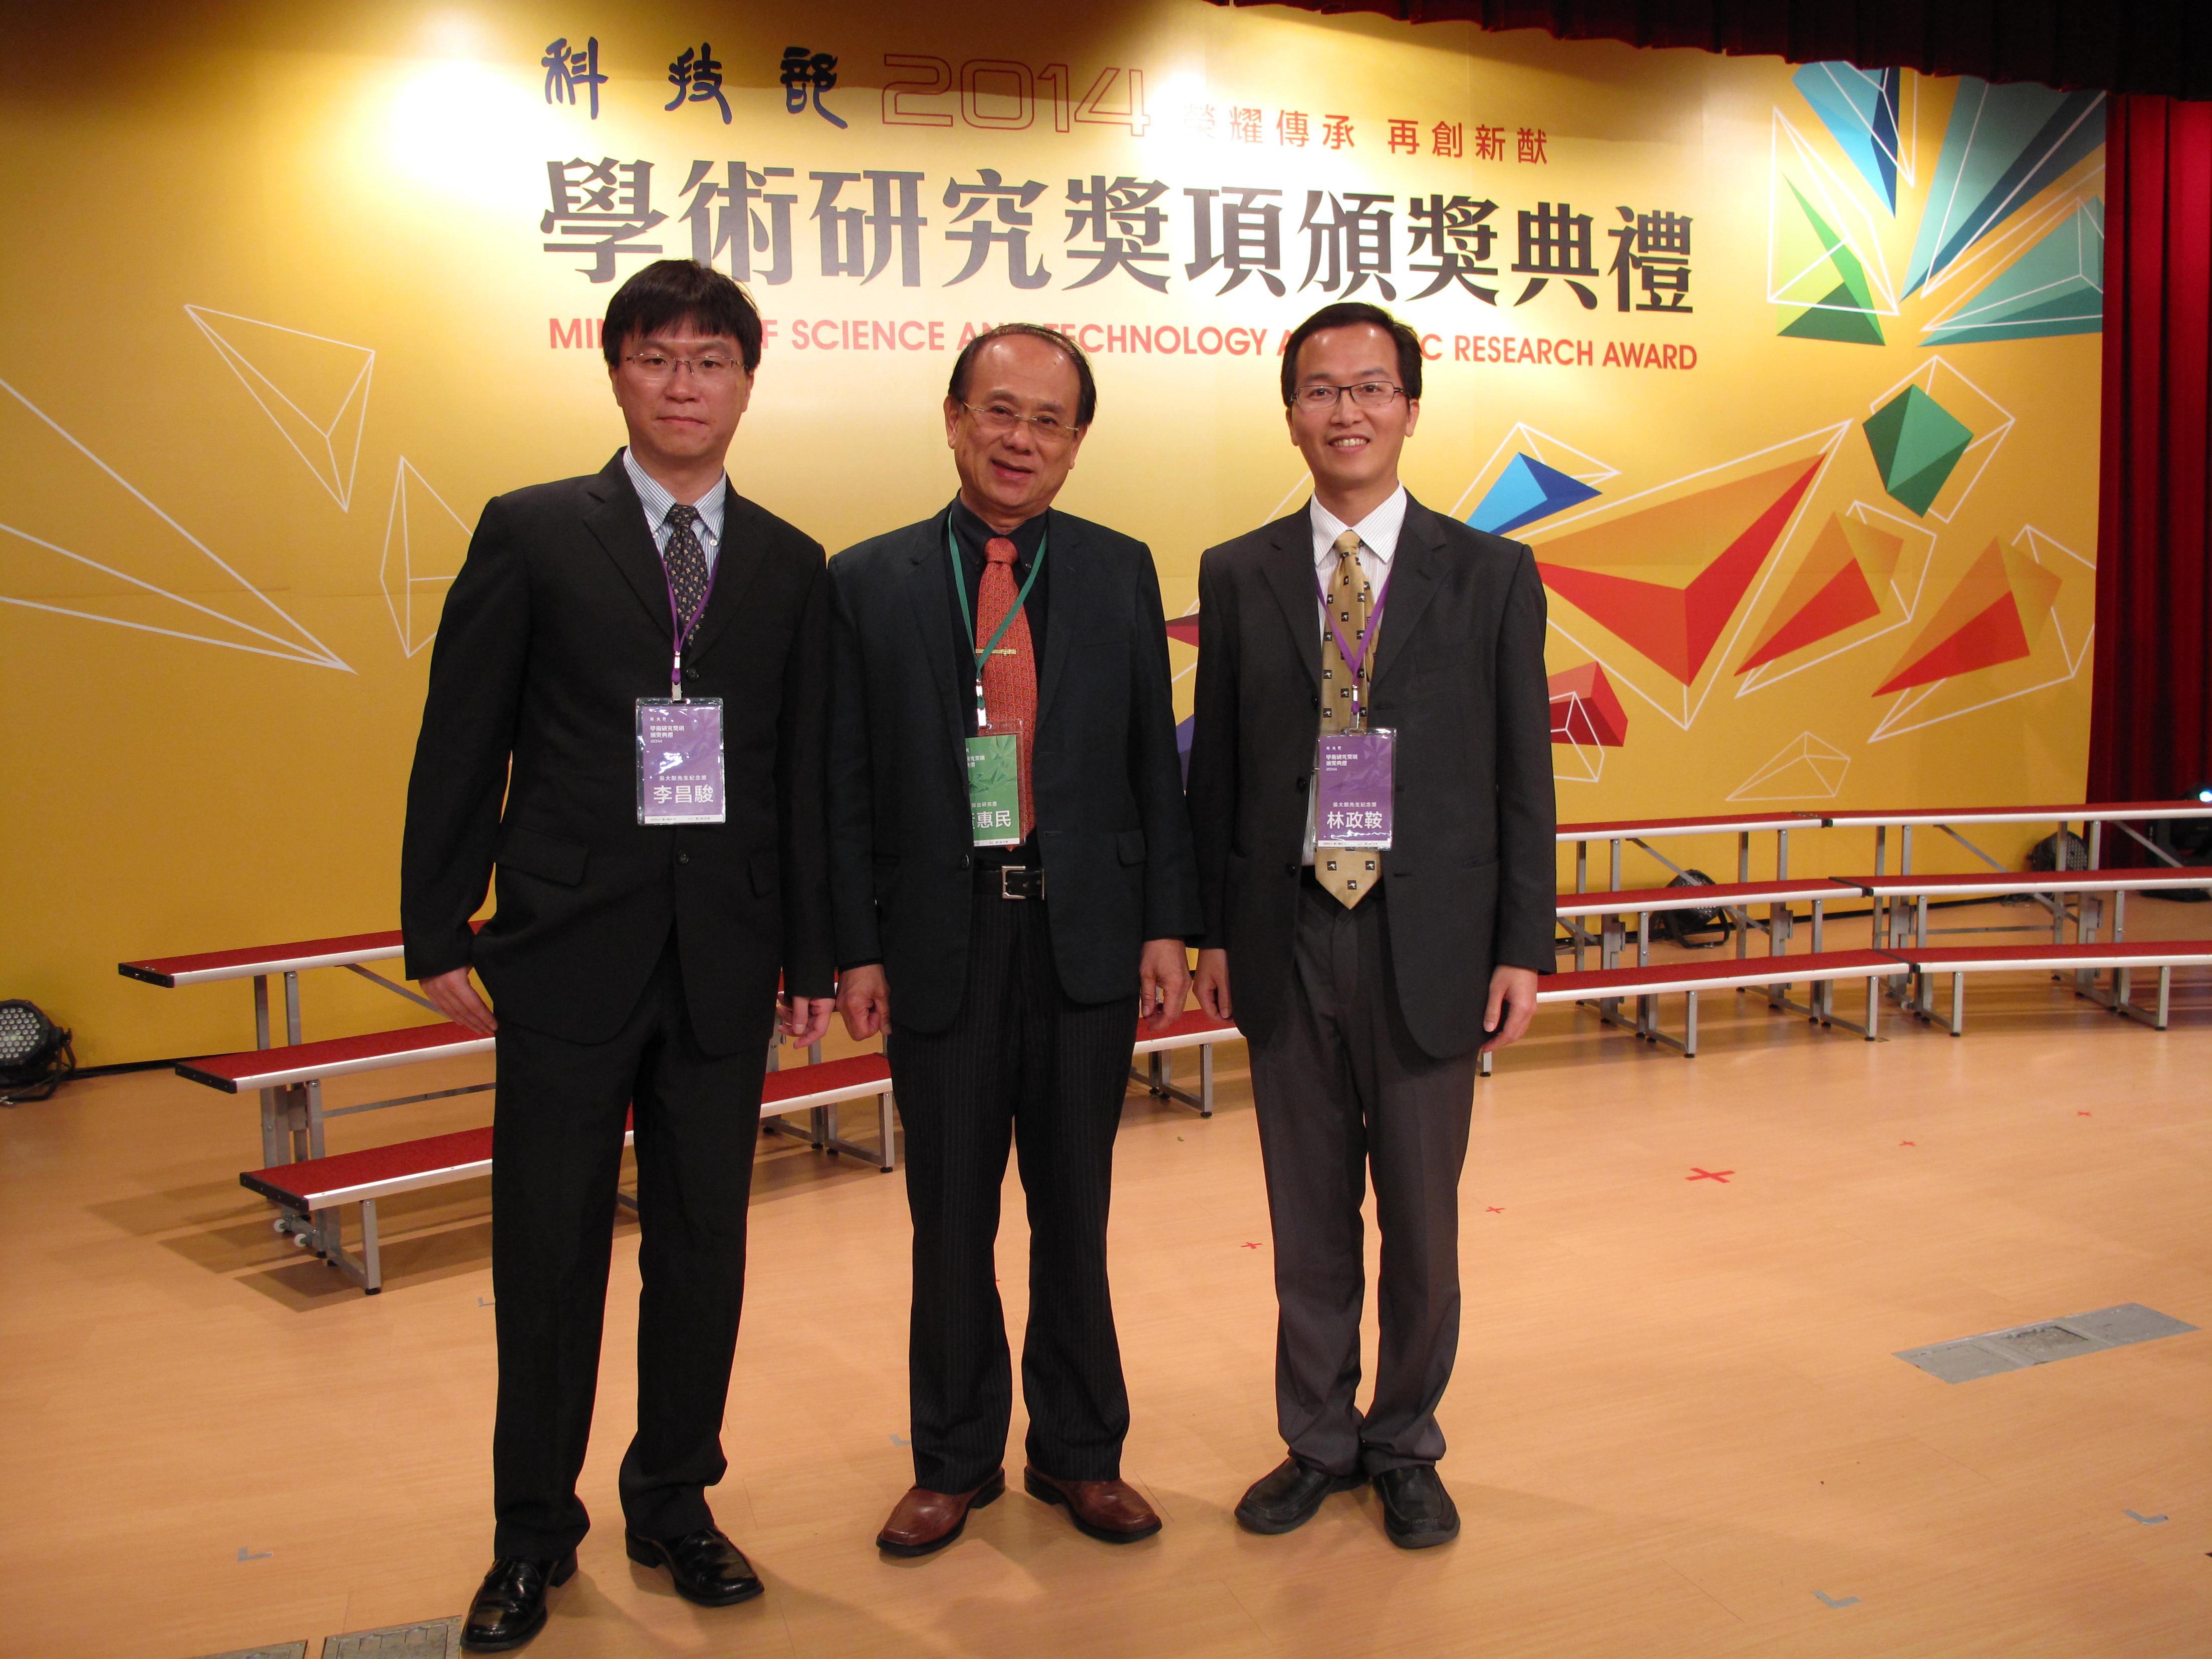 賀!李昌駿及林政鞍老師榮獲國科會「吳大猷先生紀念獎」